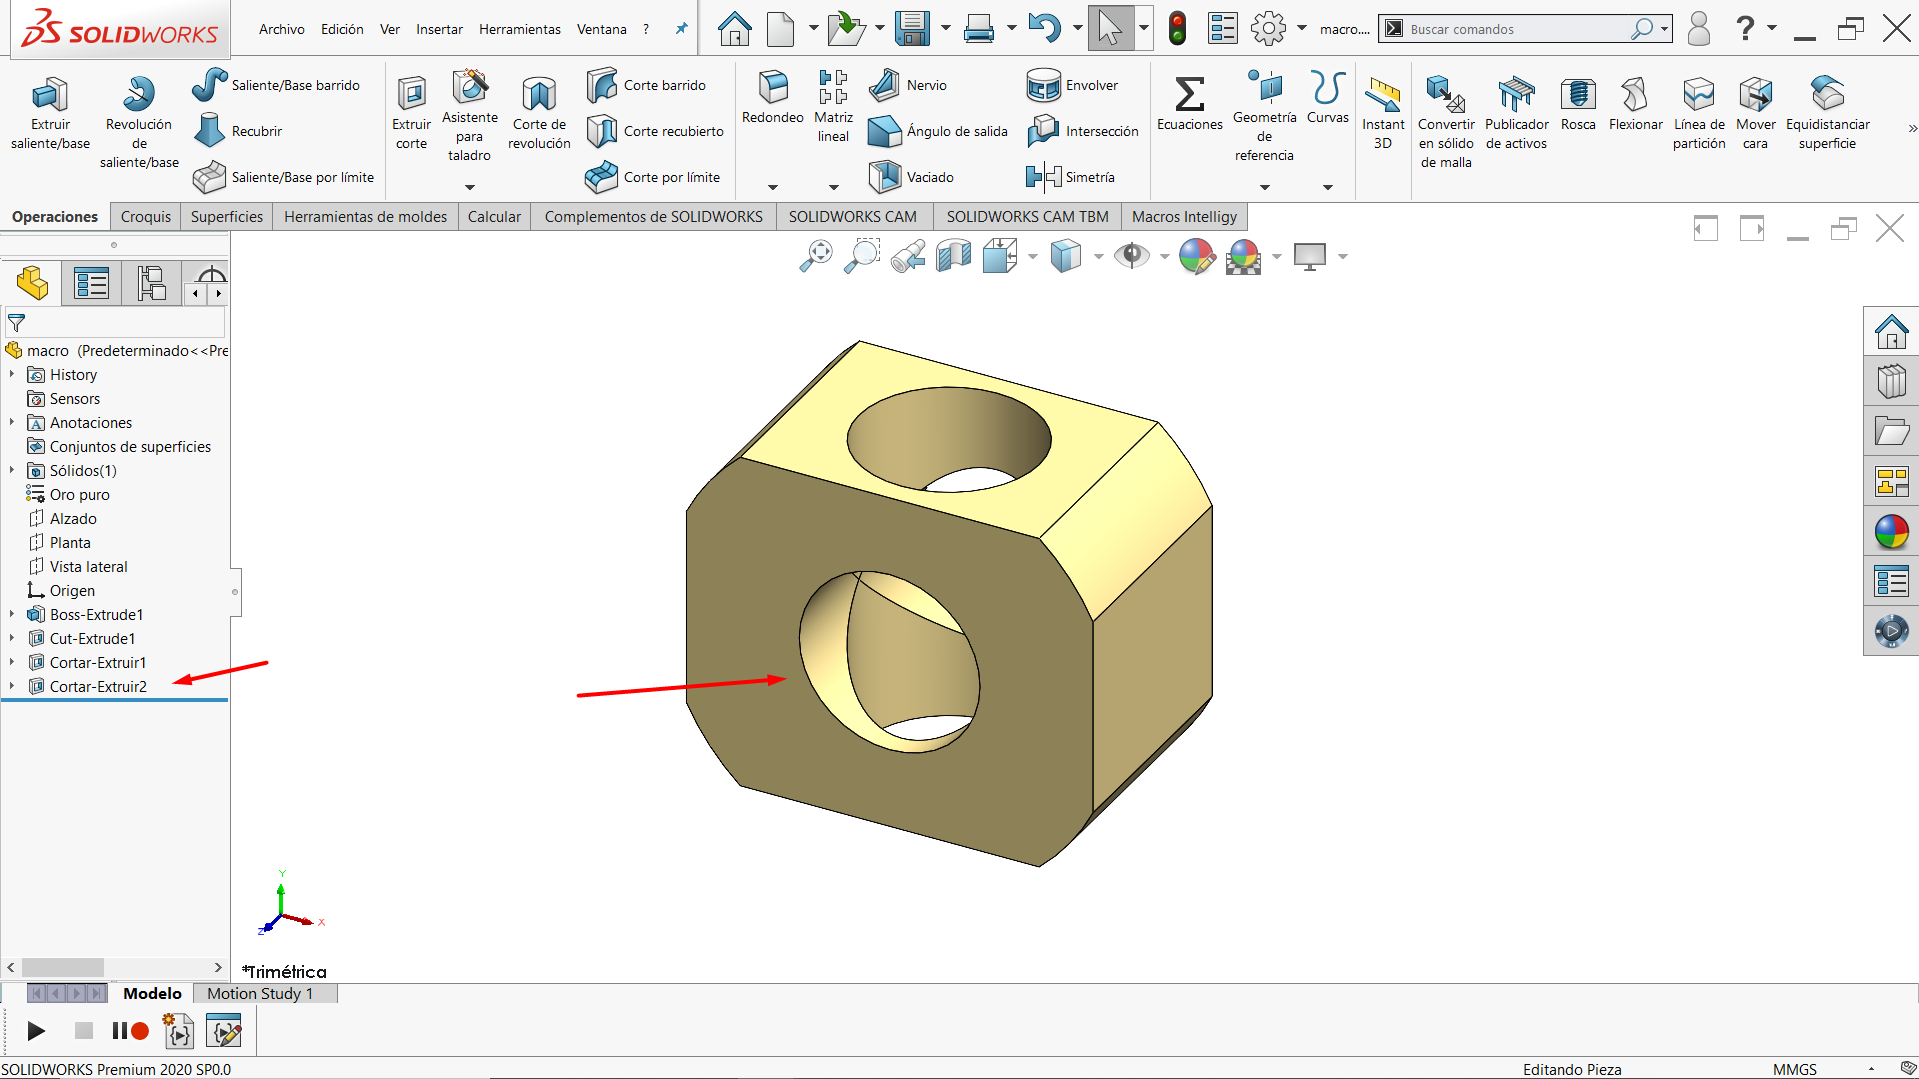 Corte circular creado con una macro en SOLIDWORKS